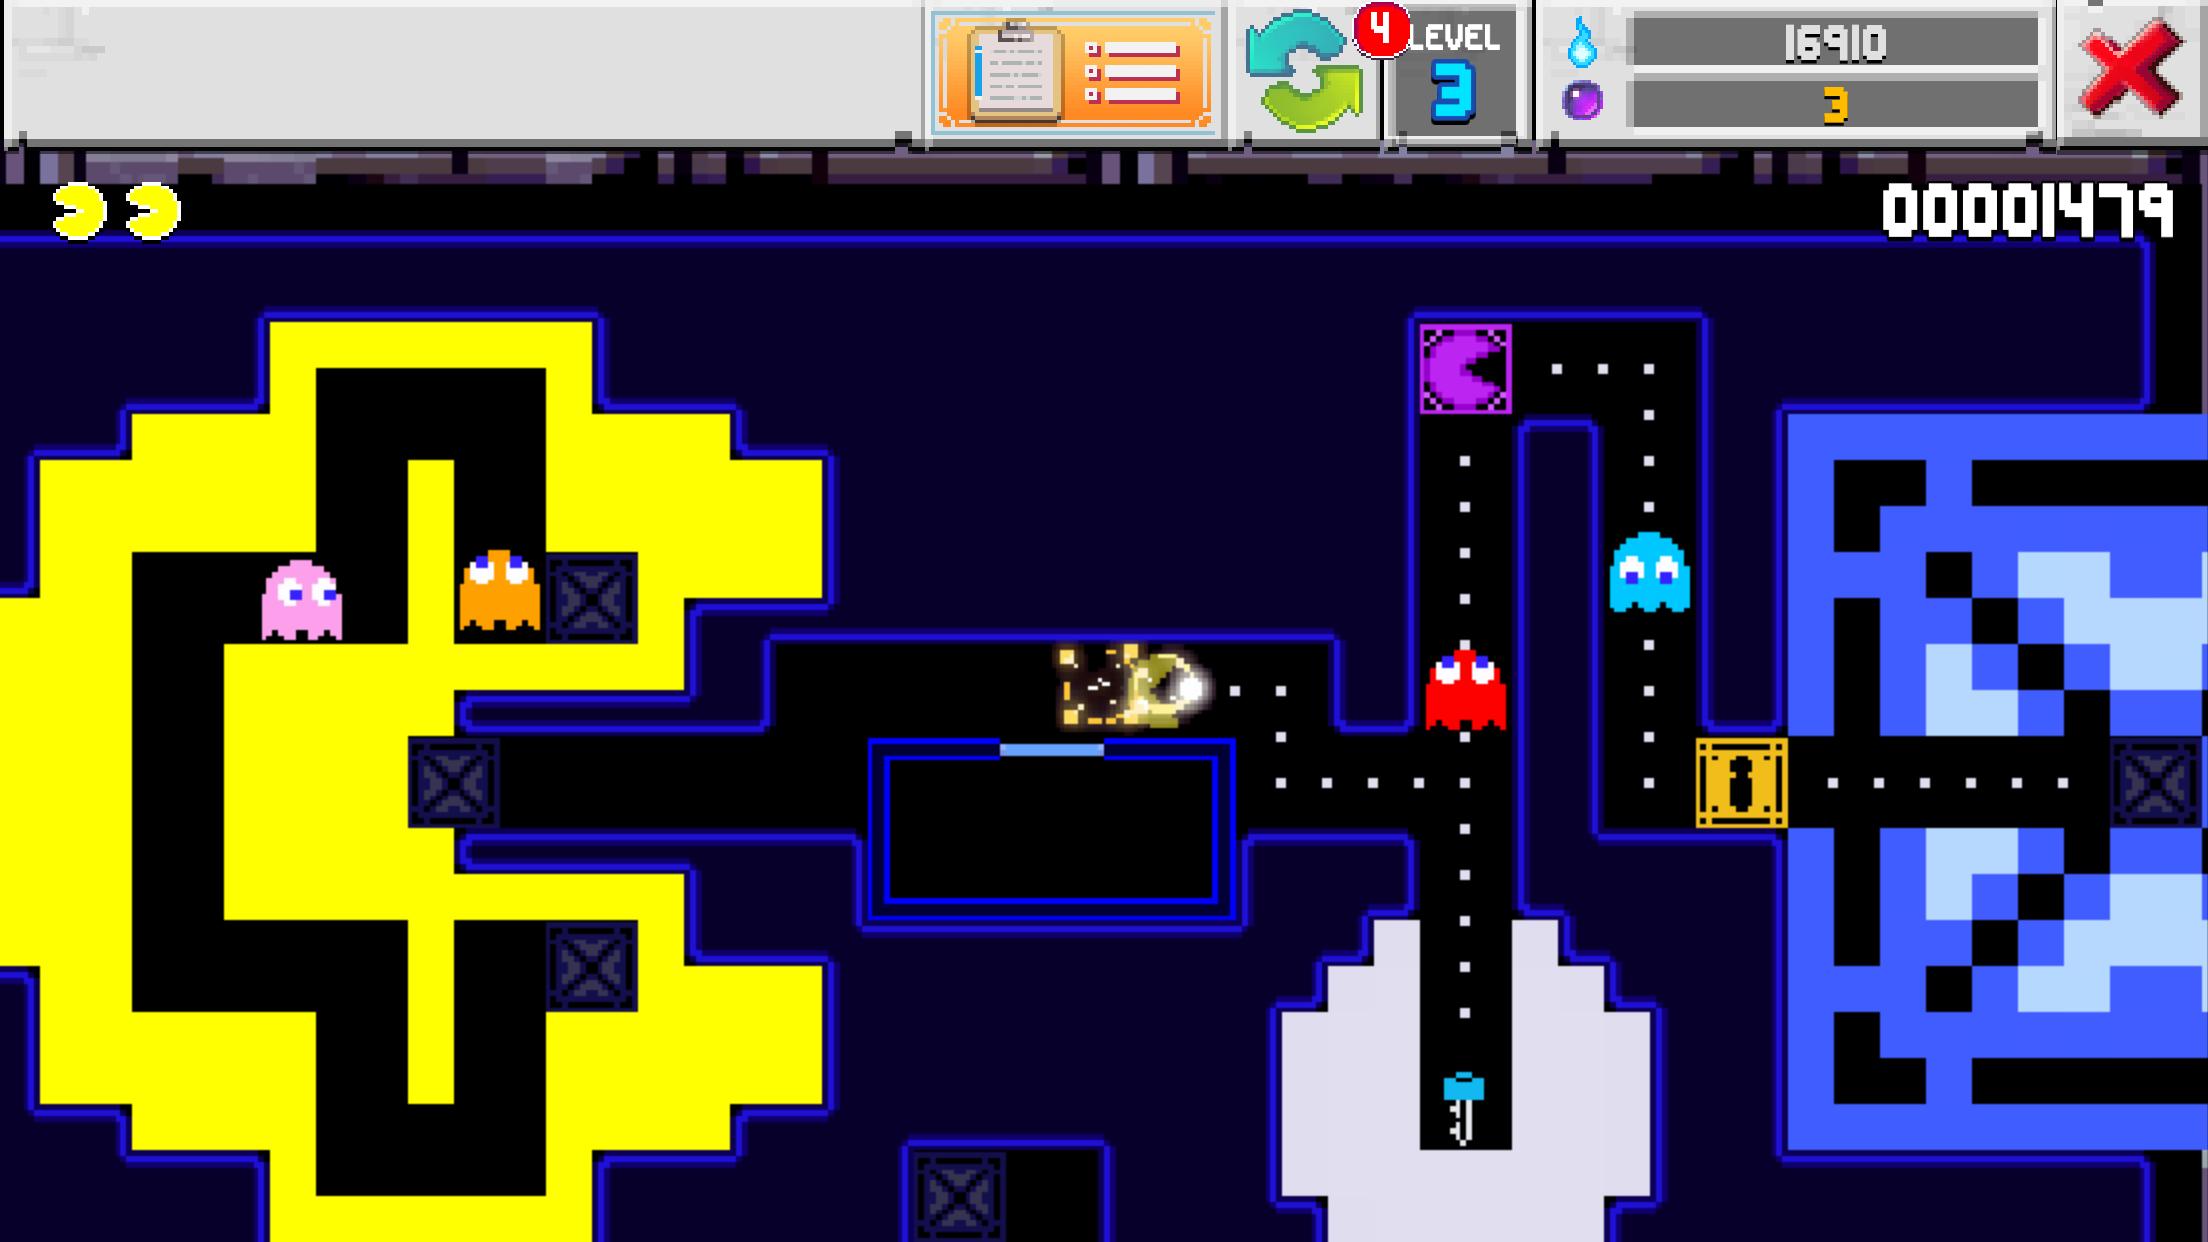 Pac-Man-Level - Mit The Sandbox Evolution gestalten